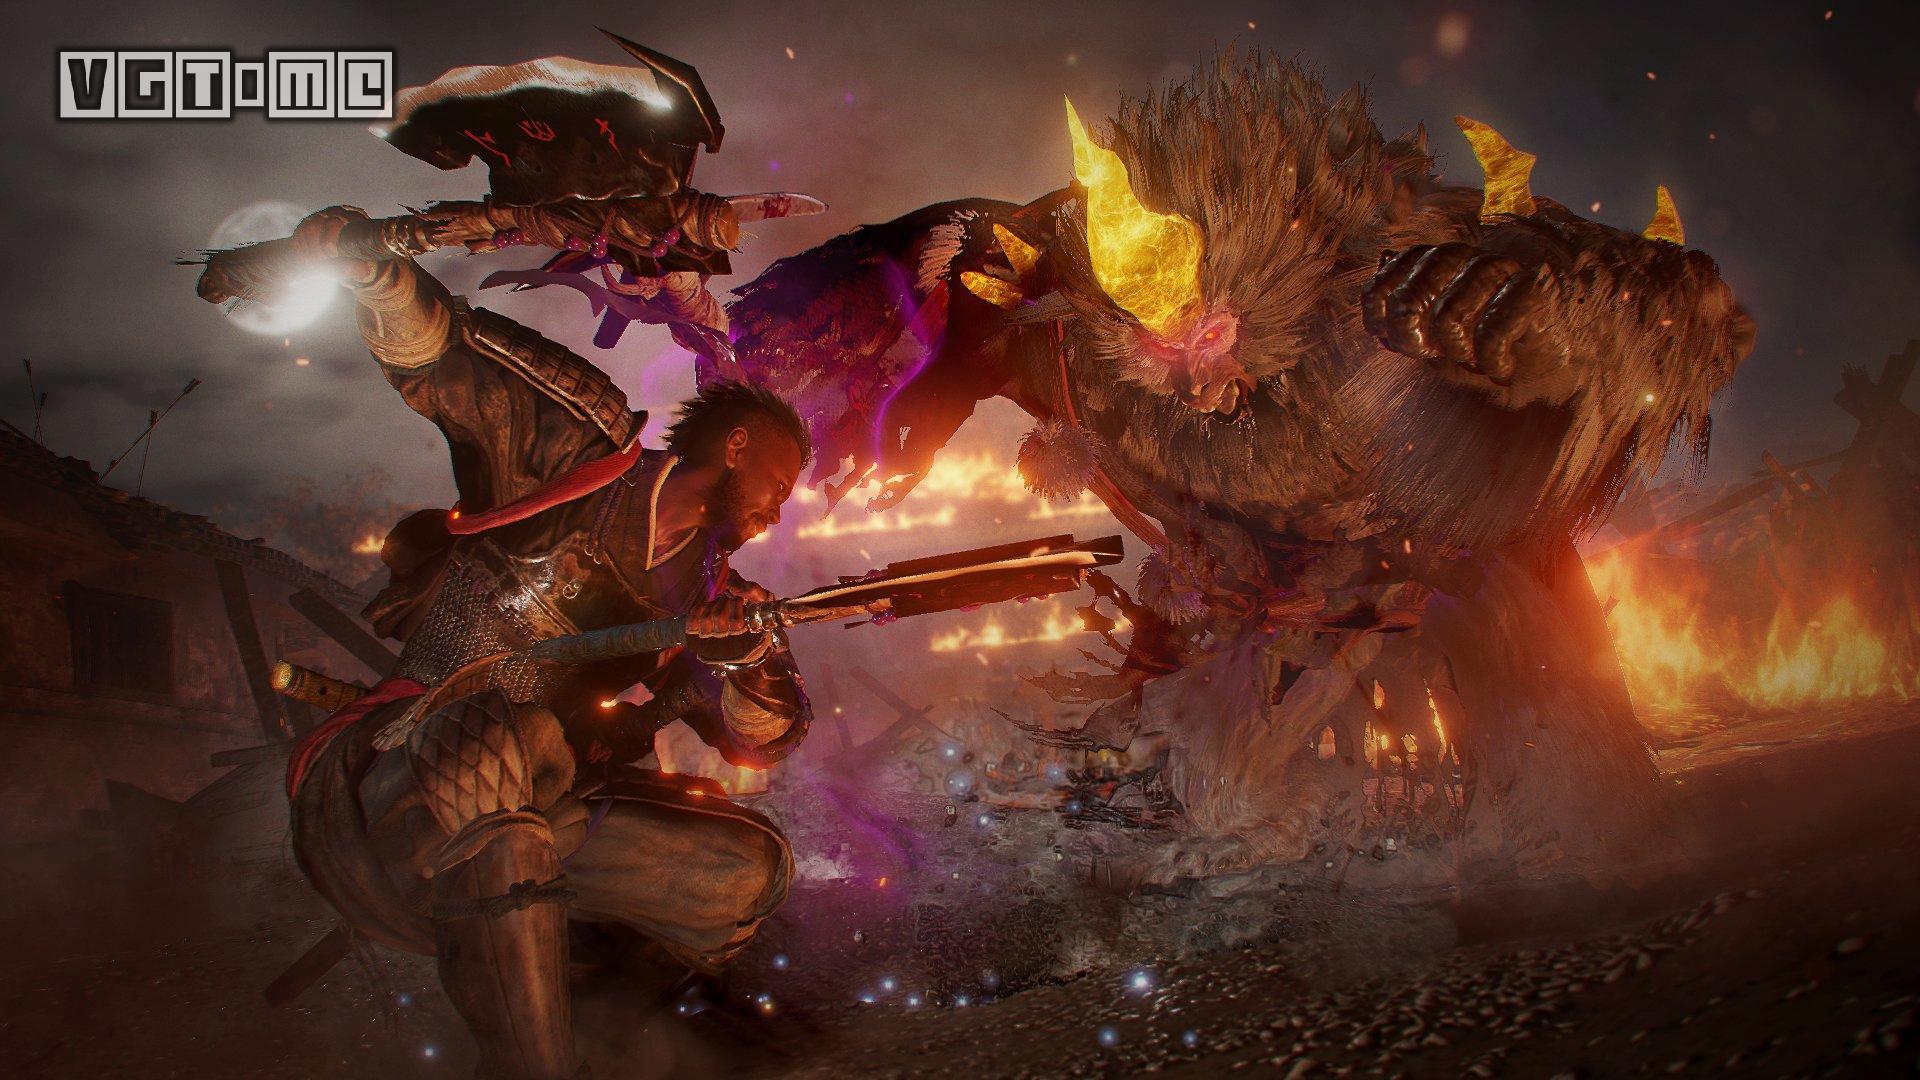 《仁王2》「妖」属性武器情报公布